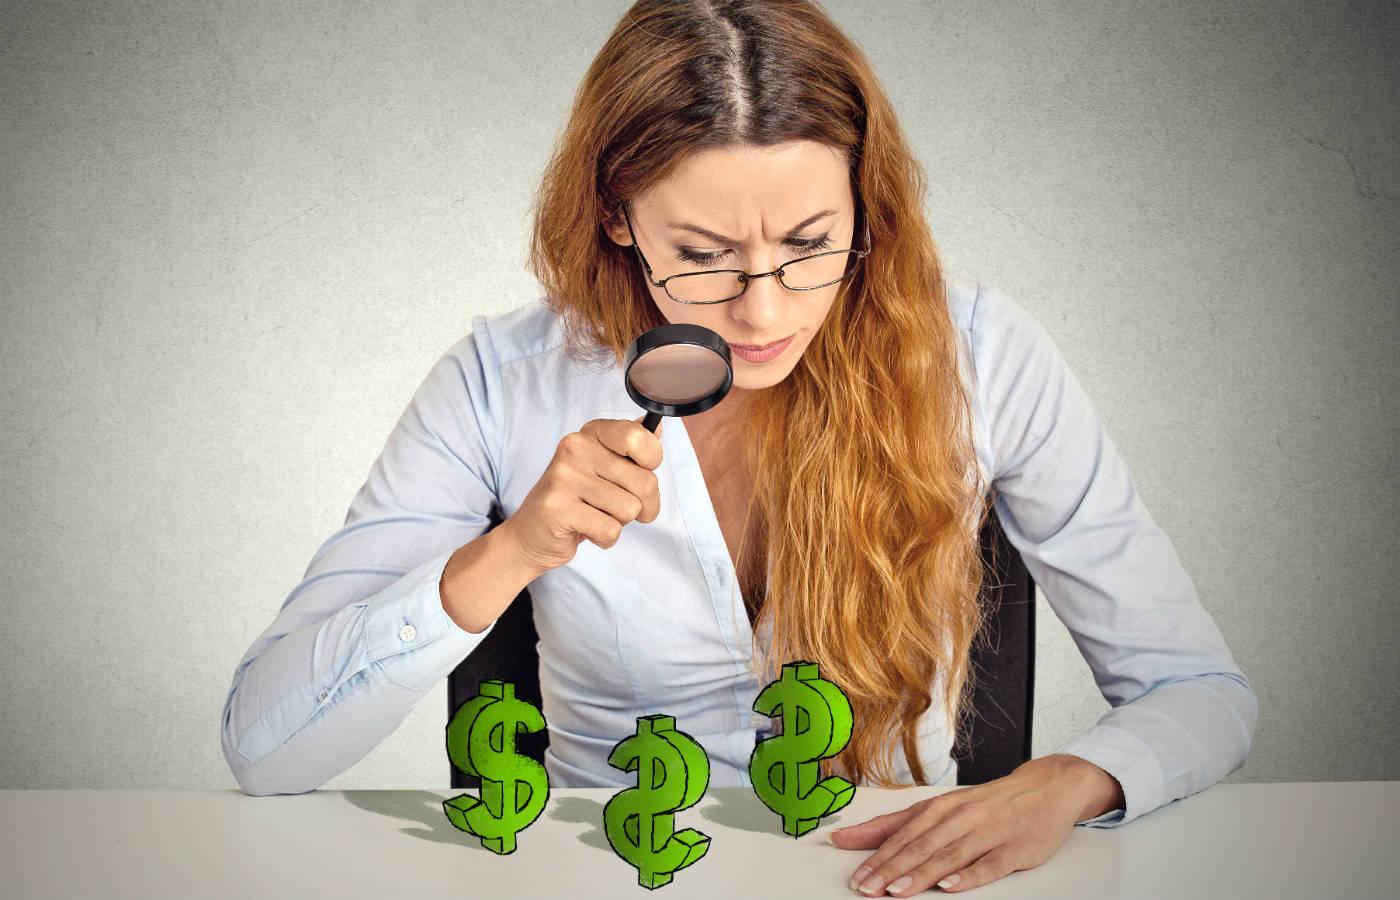 5 ações para manter o orçamento em dia na crise (e fora dela)